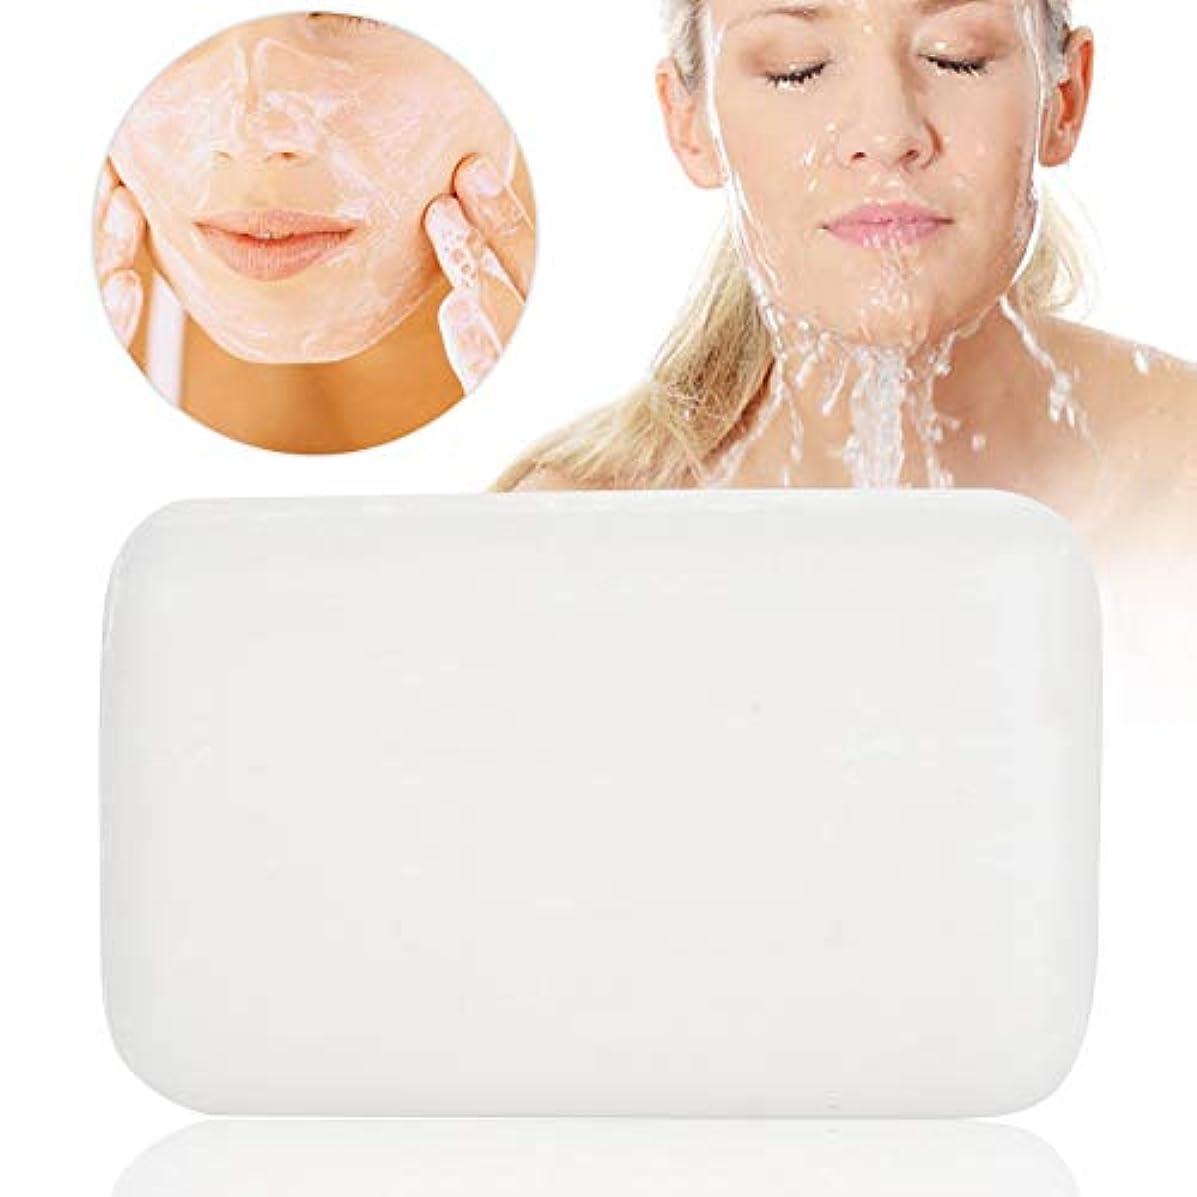 薄めるハンカチずっと美容石鹸 シミ取り! (洗顔?全身用) せっけん バスサイズ 洗顔石けん 無添加 低刺激性 化粧石鹸